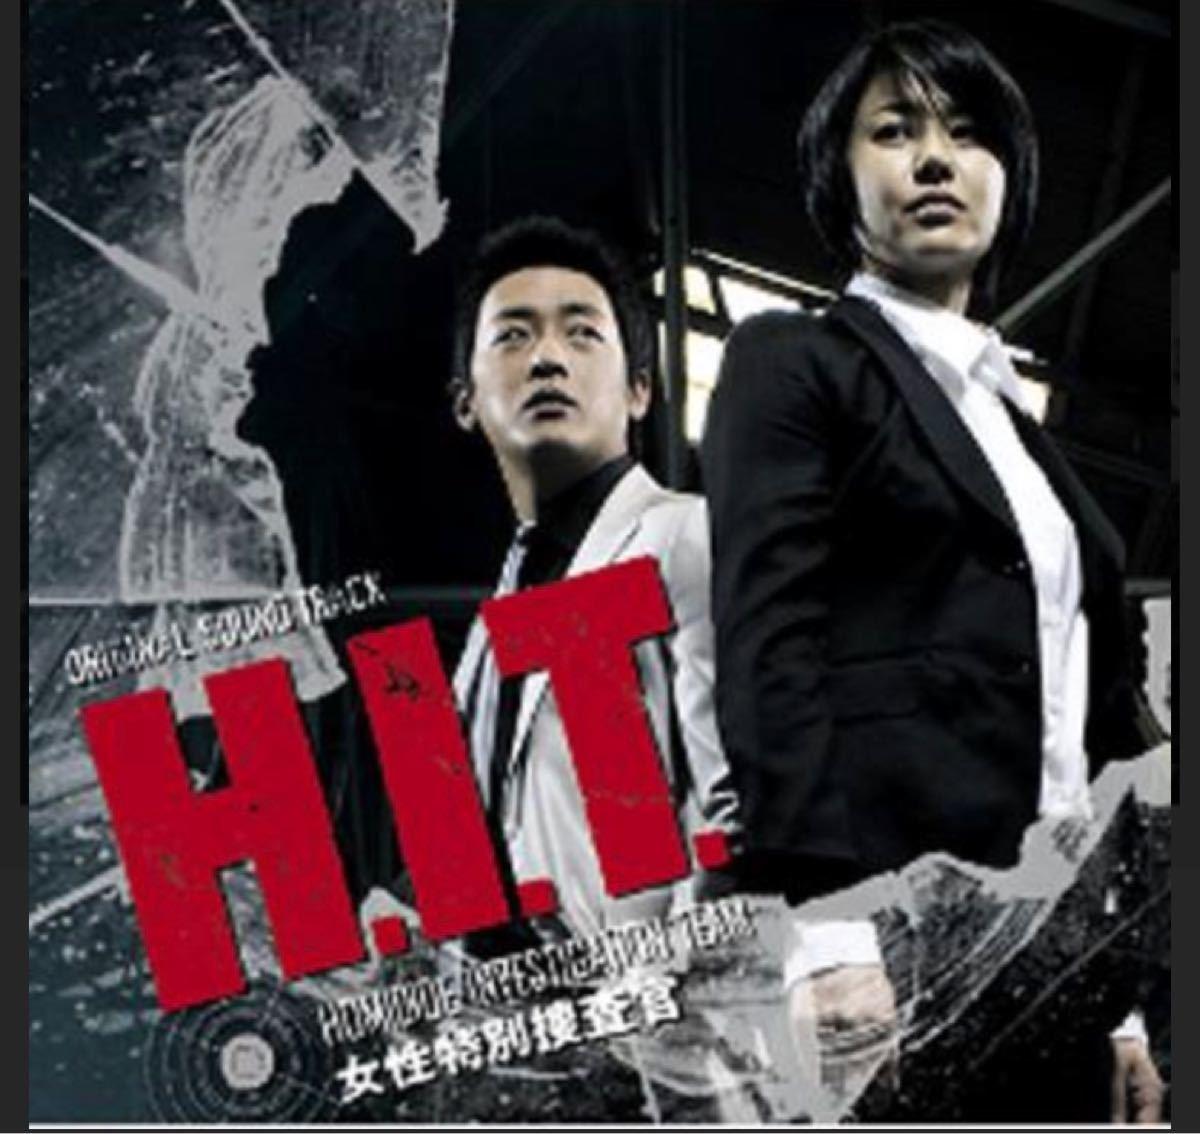 韓国ドラマ DVD    全話 H.I.T   女性特別捜査官  コヒョンジョン ハジョンウ 価格交渉不可